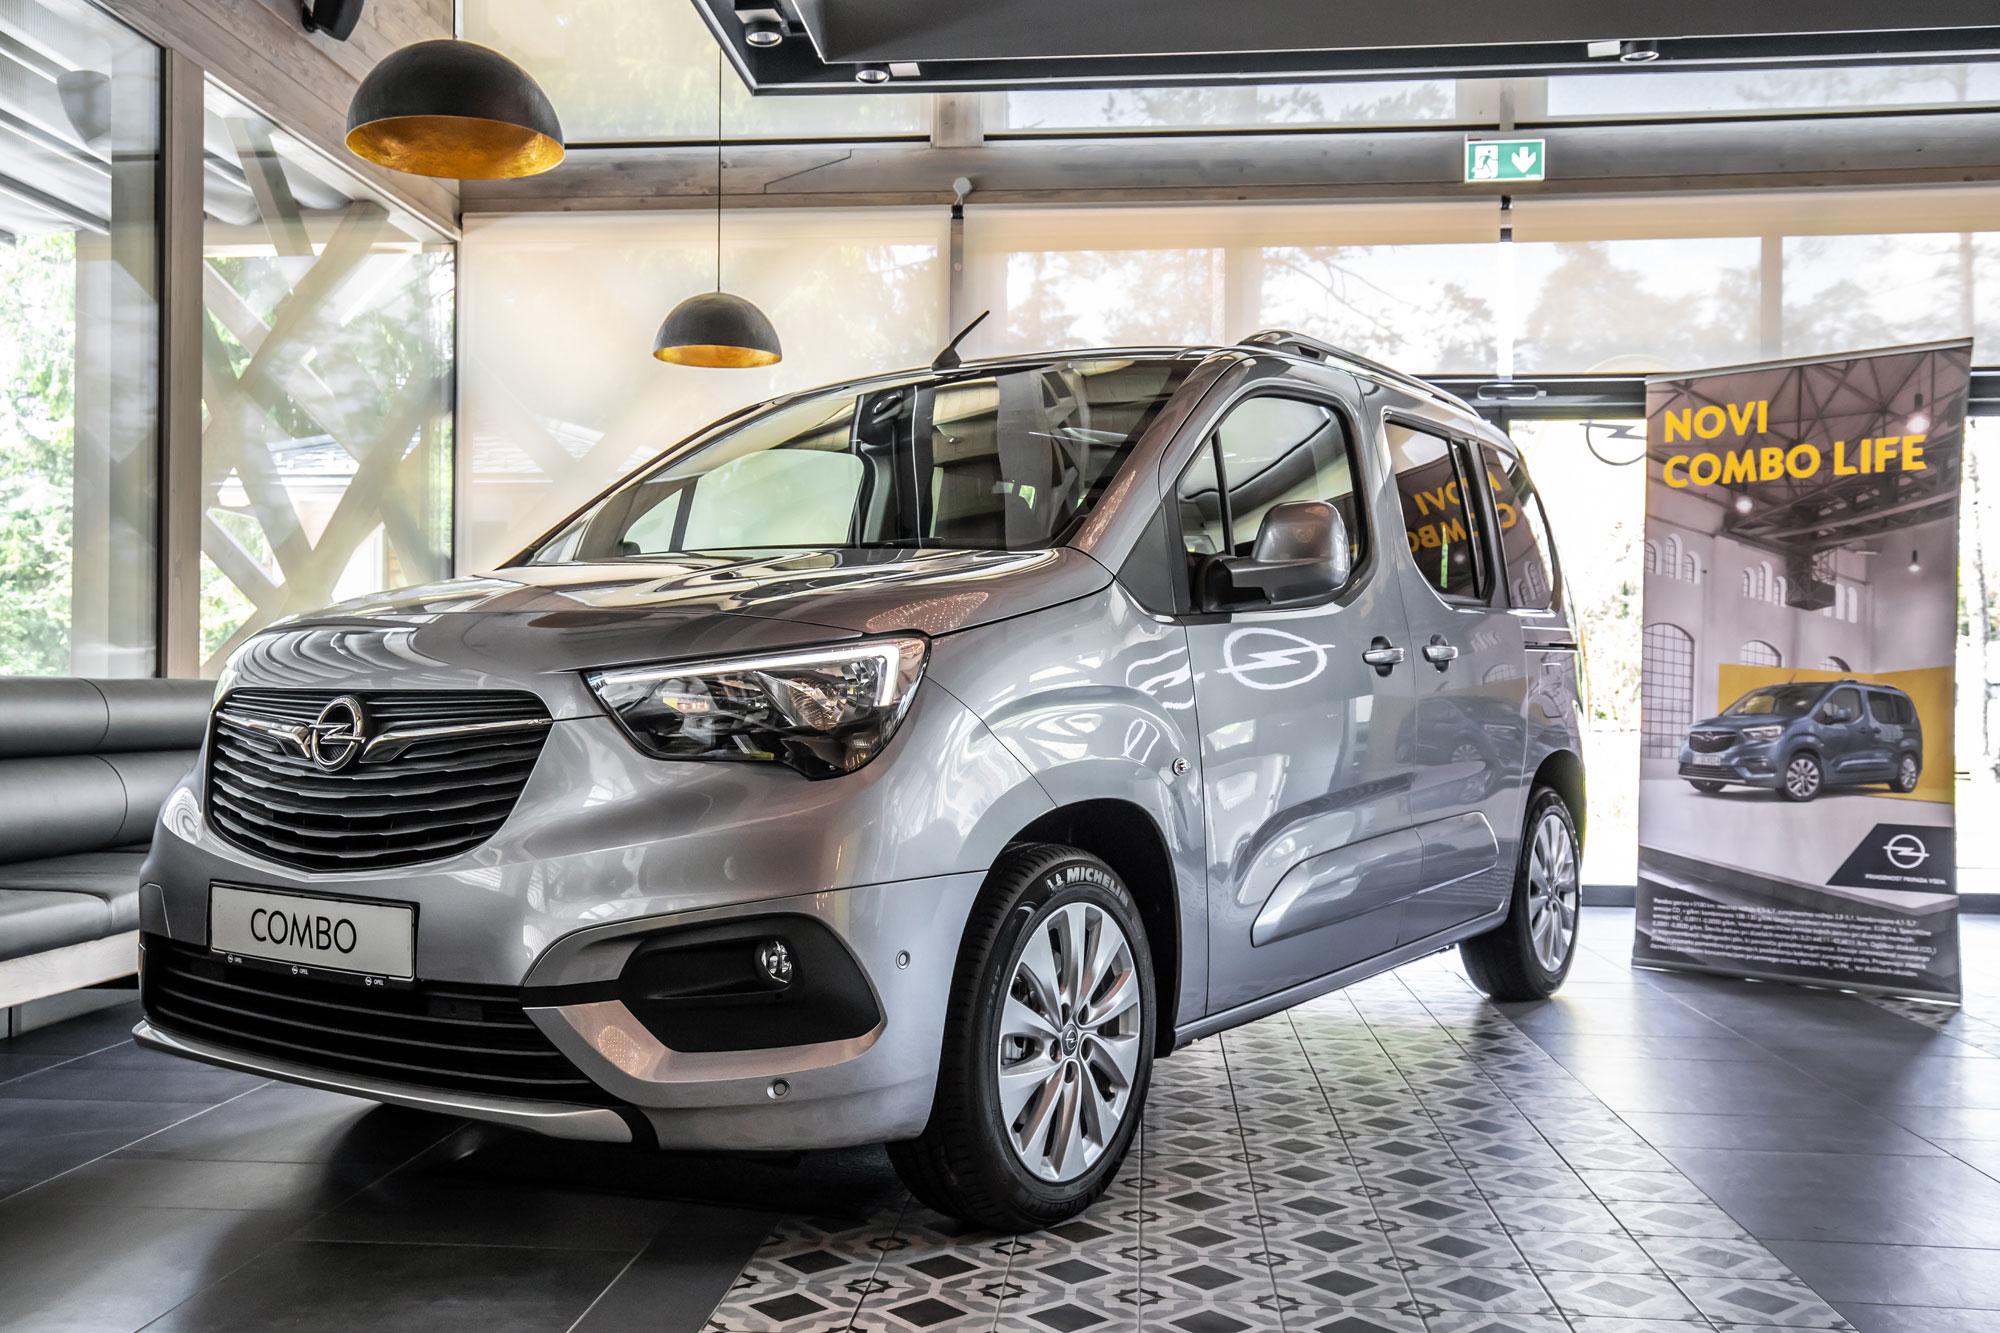 2018 06 04_Najboljši-družinski-prijatelj - inovativni-Opel-Combo-Life-1